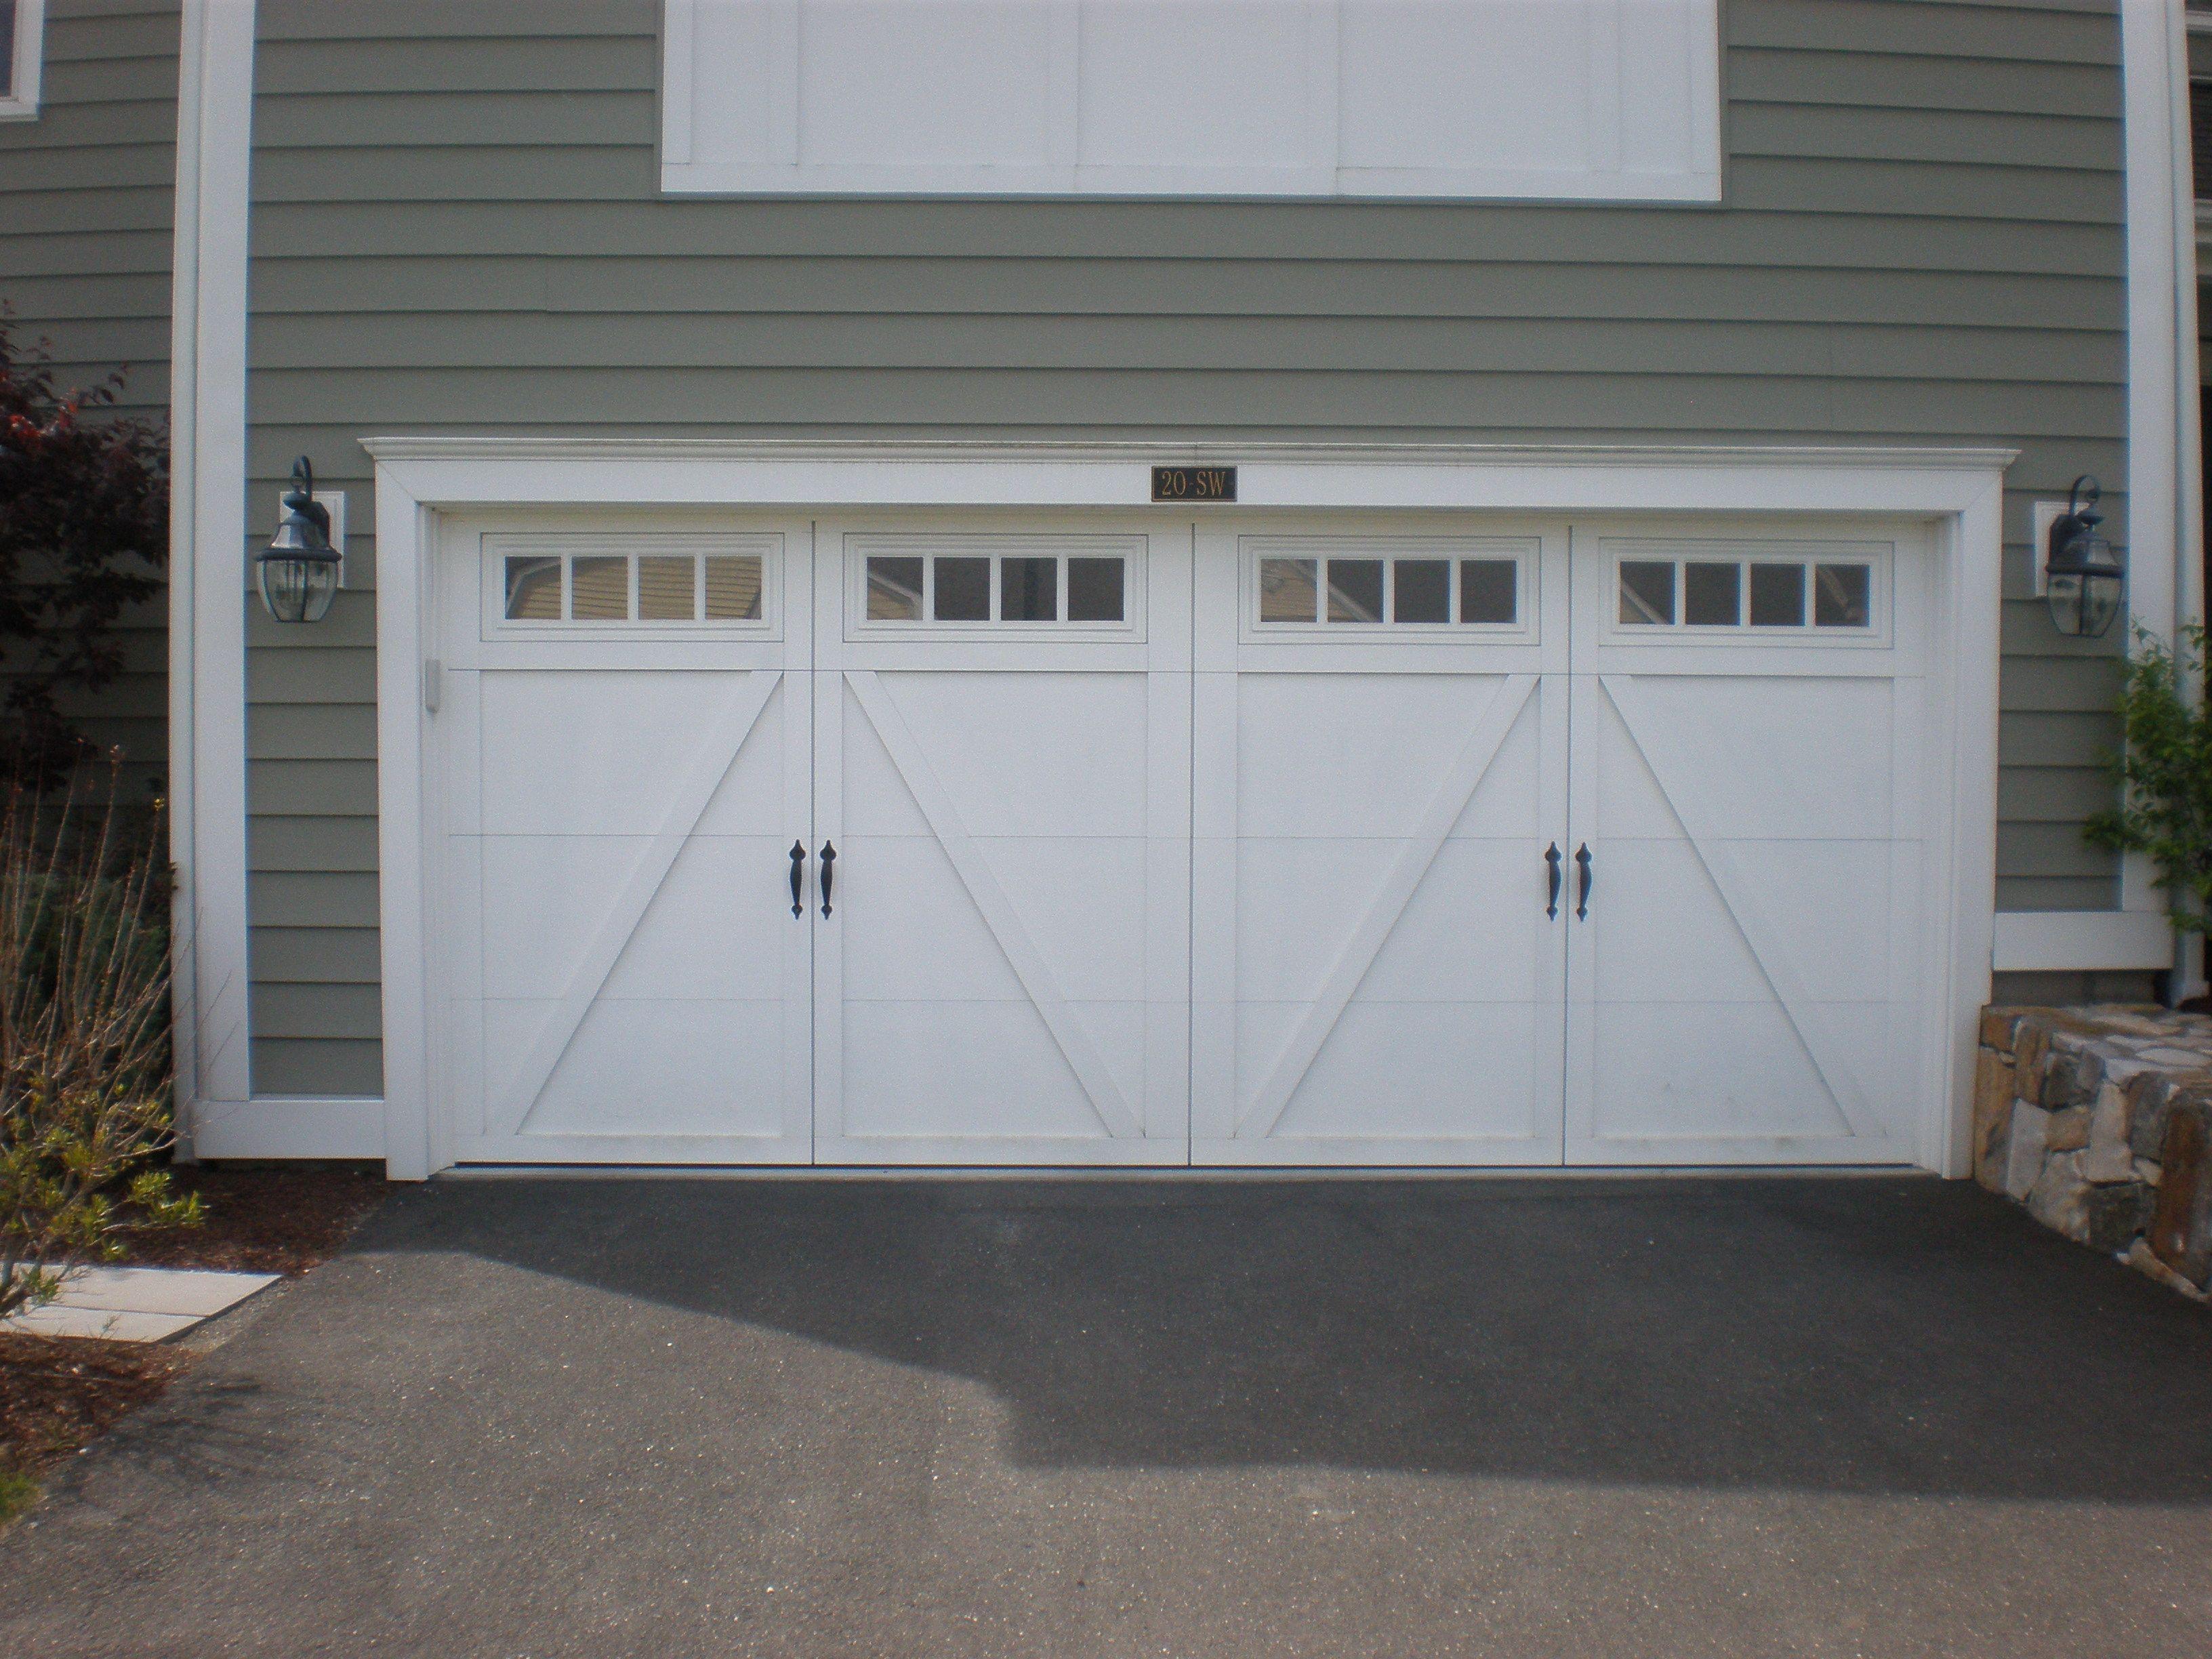 Pin By Overhead Door Company Of Brook On Garage Driveway In 2020 Steel Doors Outdoor Decor Doors